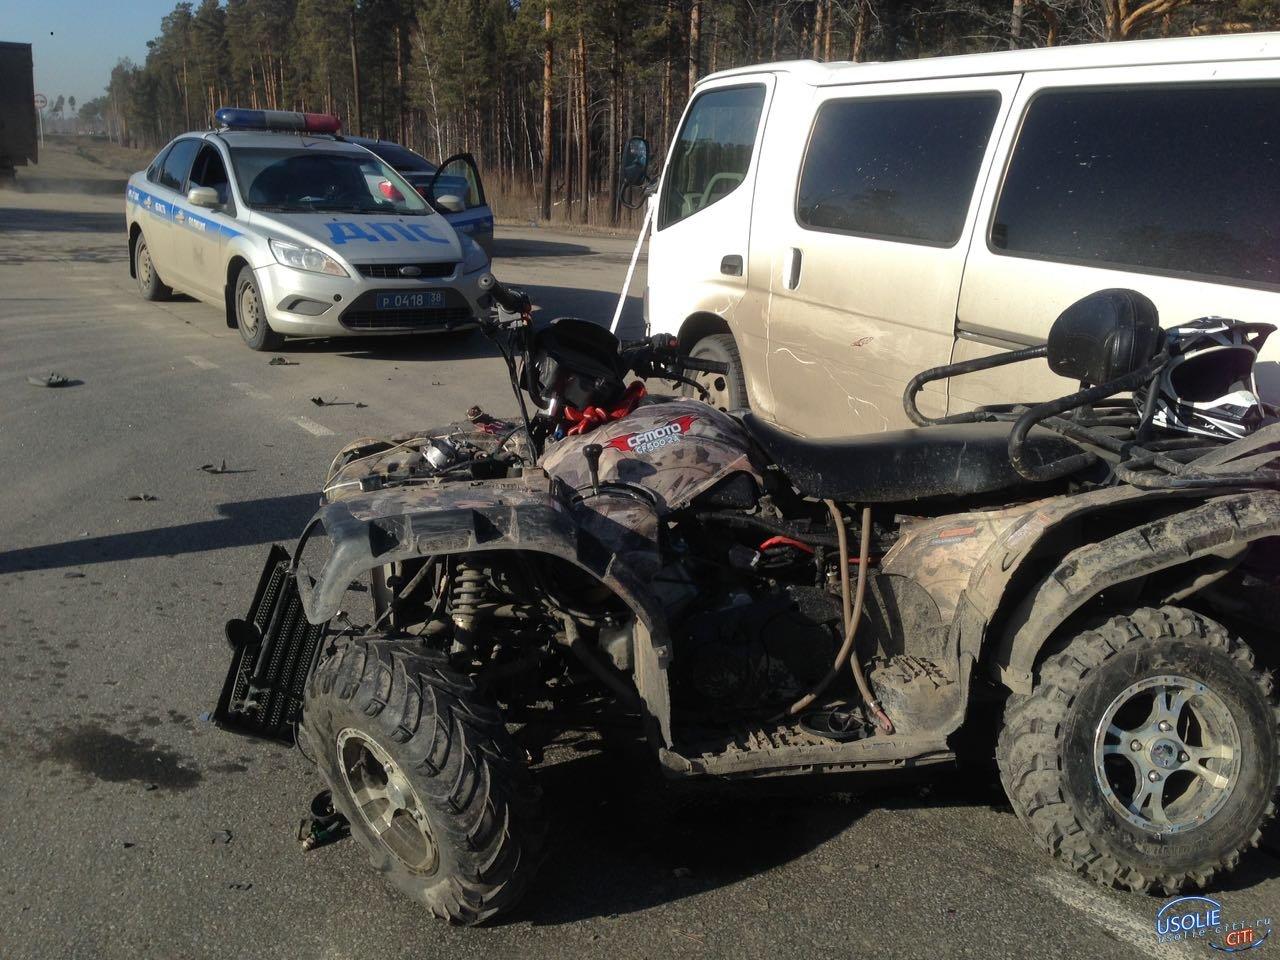 Пьяный водитель квадроцикла собрал в кучу машины в Усольском районе